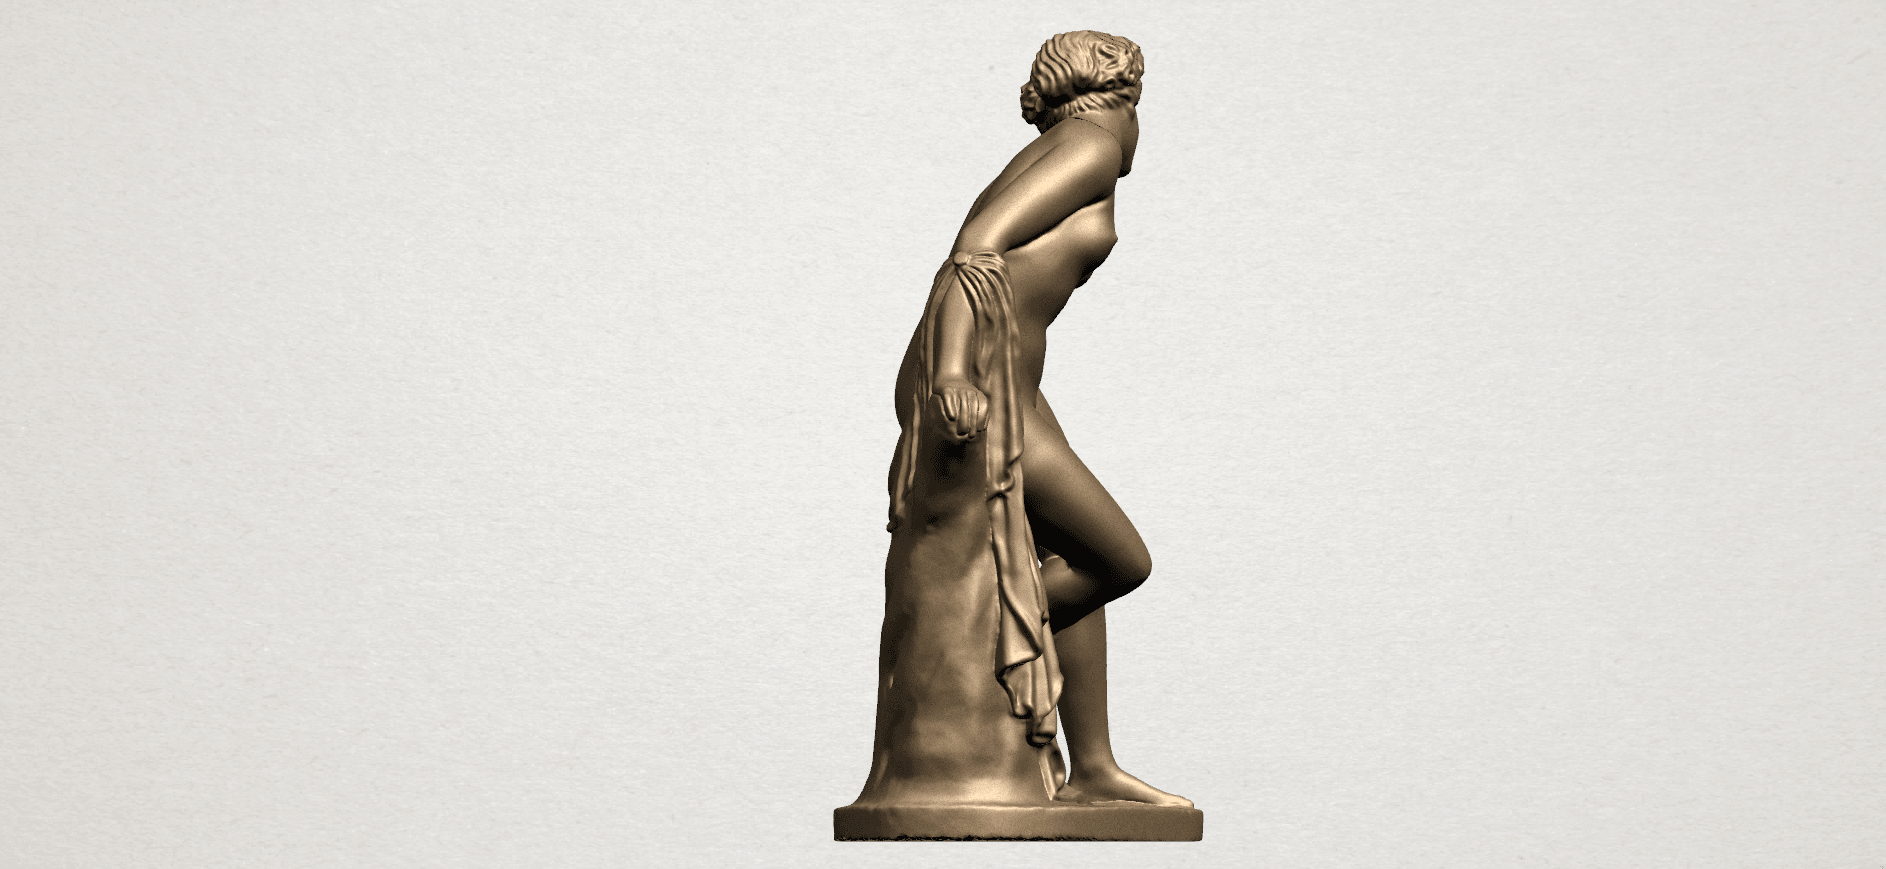 Naked Girl (v) A05.png Download free STL file Naked Girl 05 • 3D printer design, GeorgesNikkei